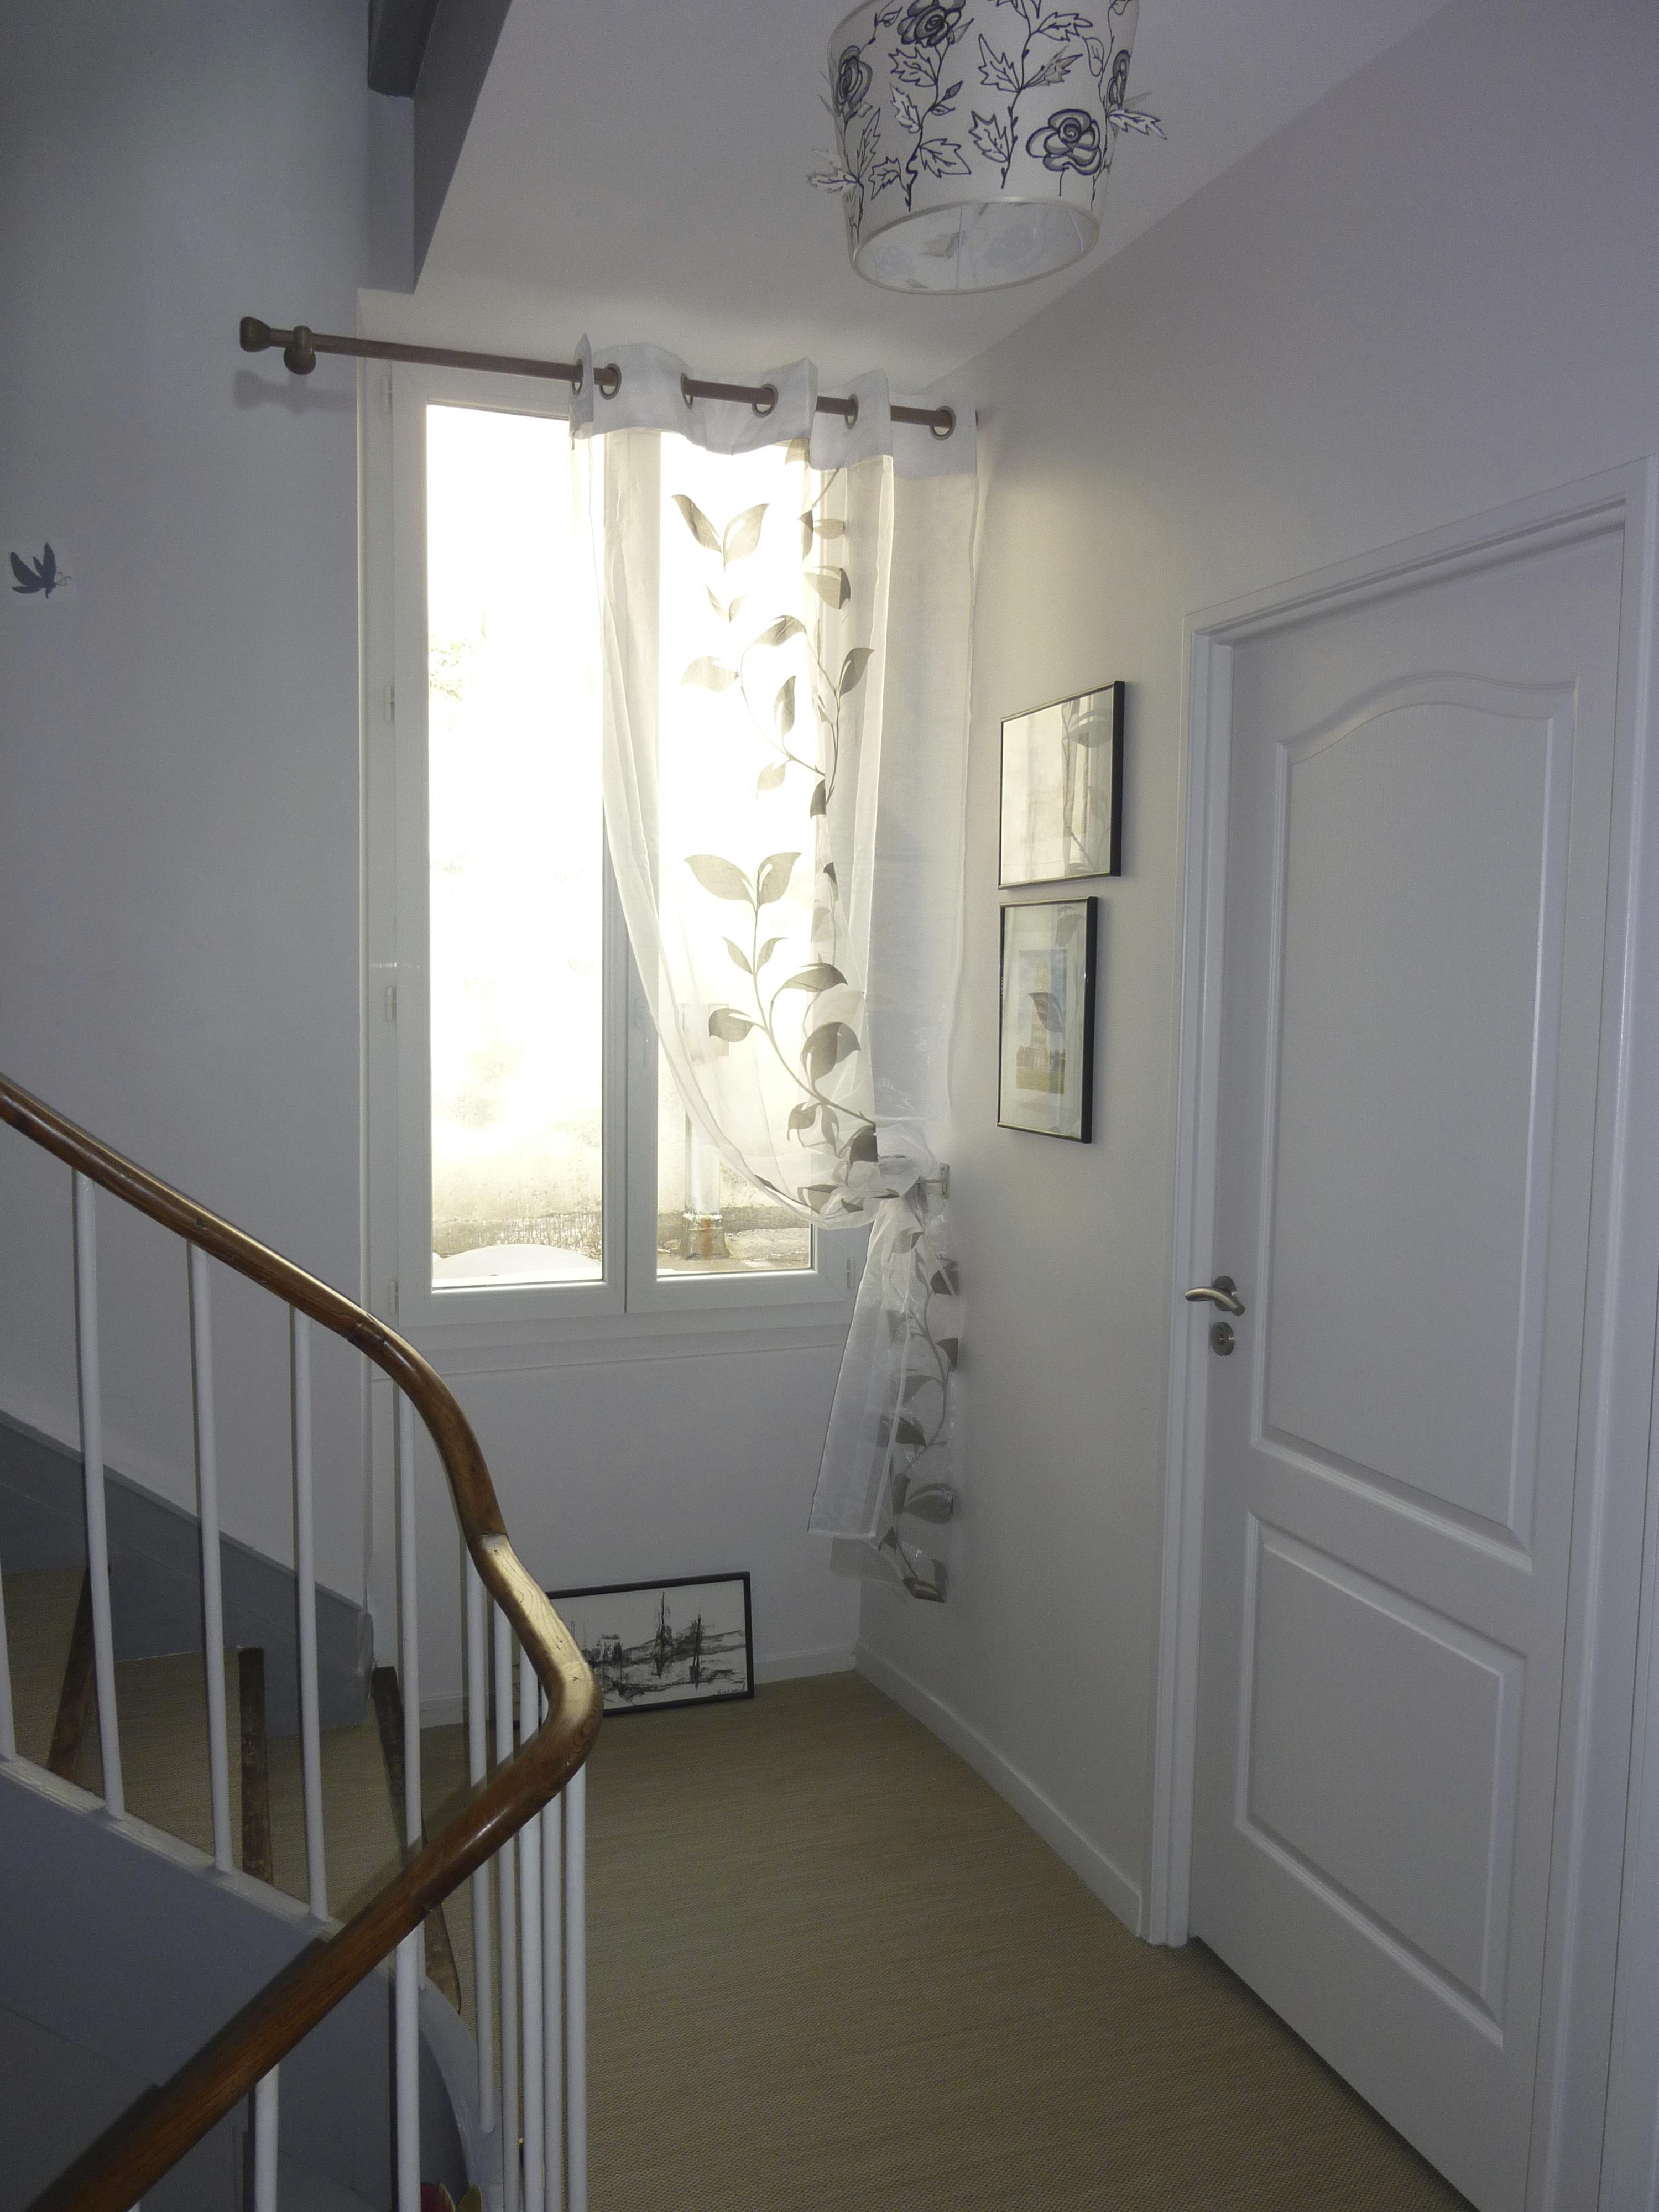 Appartement en duplex de 150m2 expression architecture - Appartement en duplex abraham architects ...